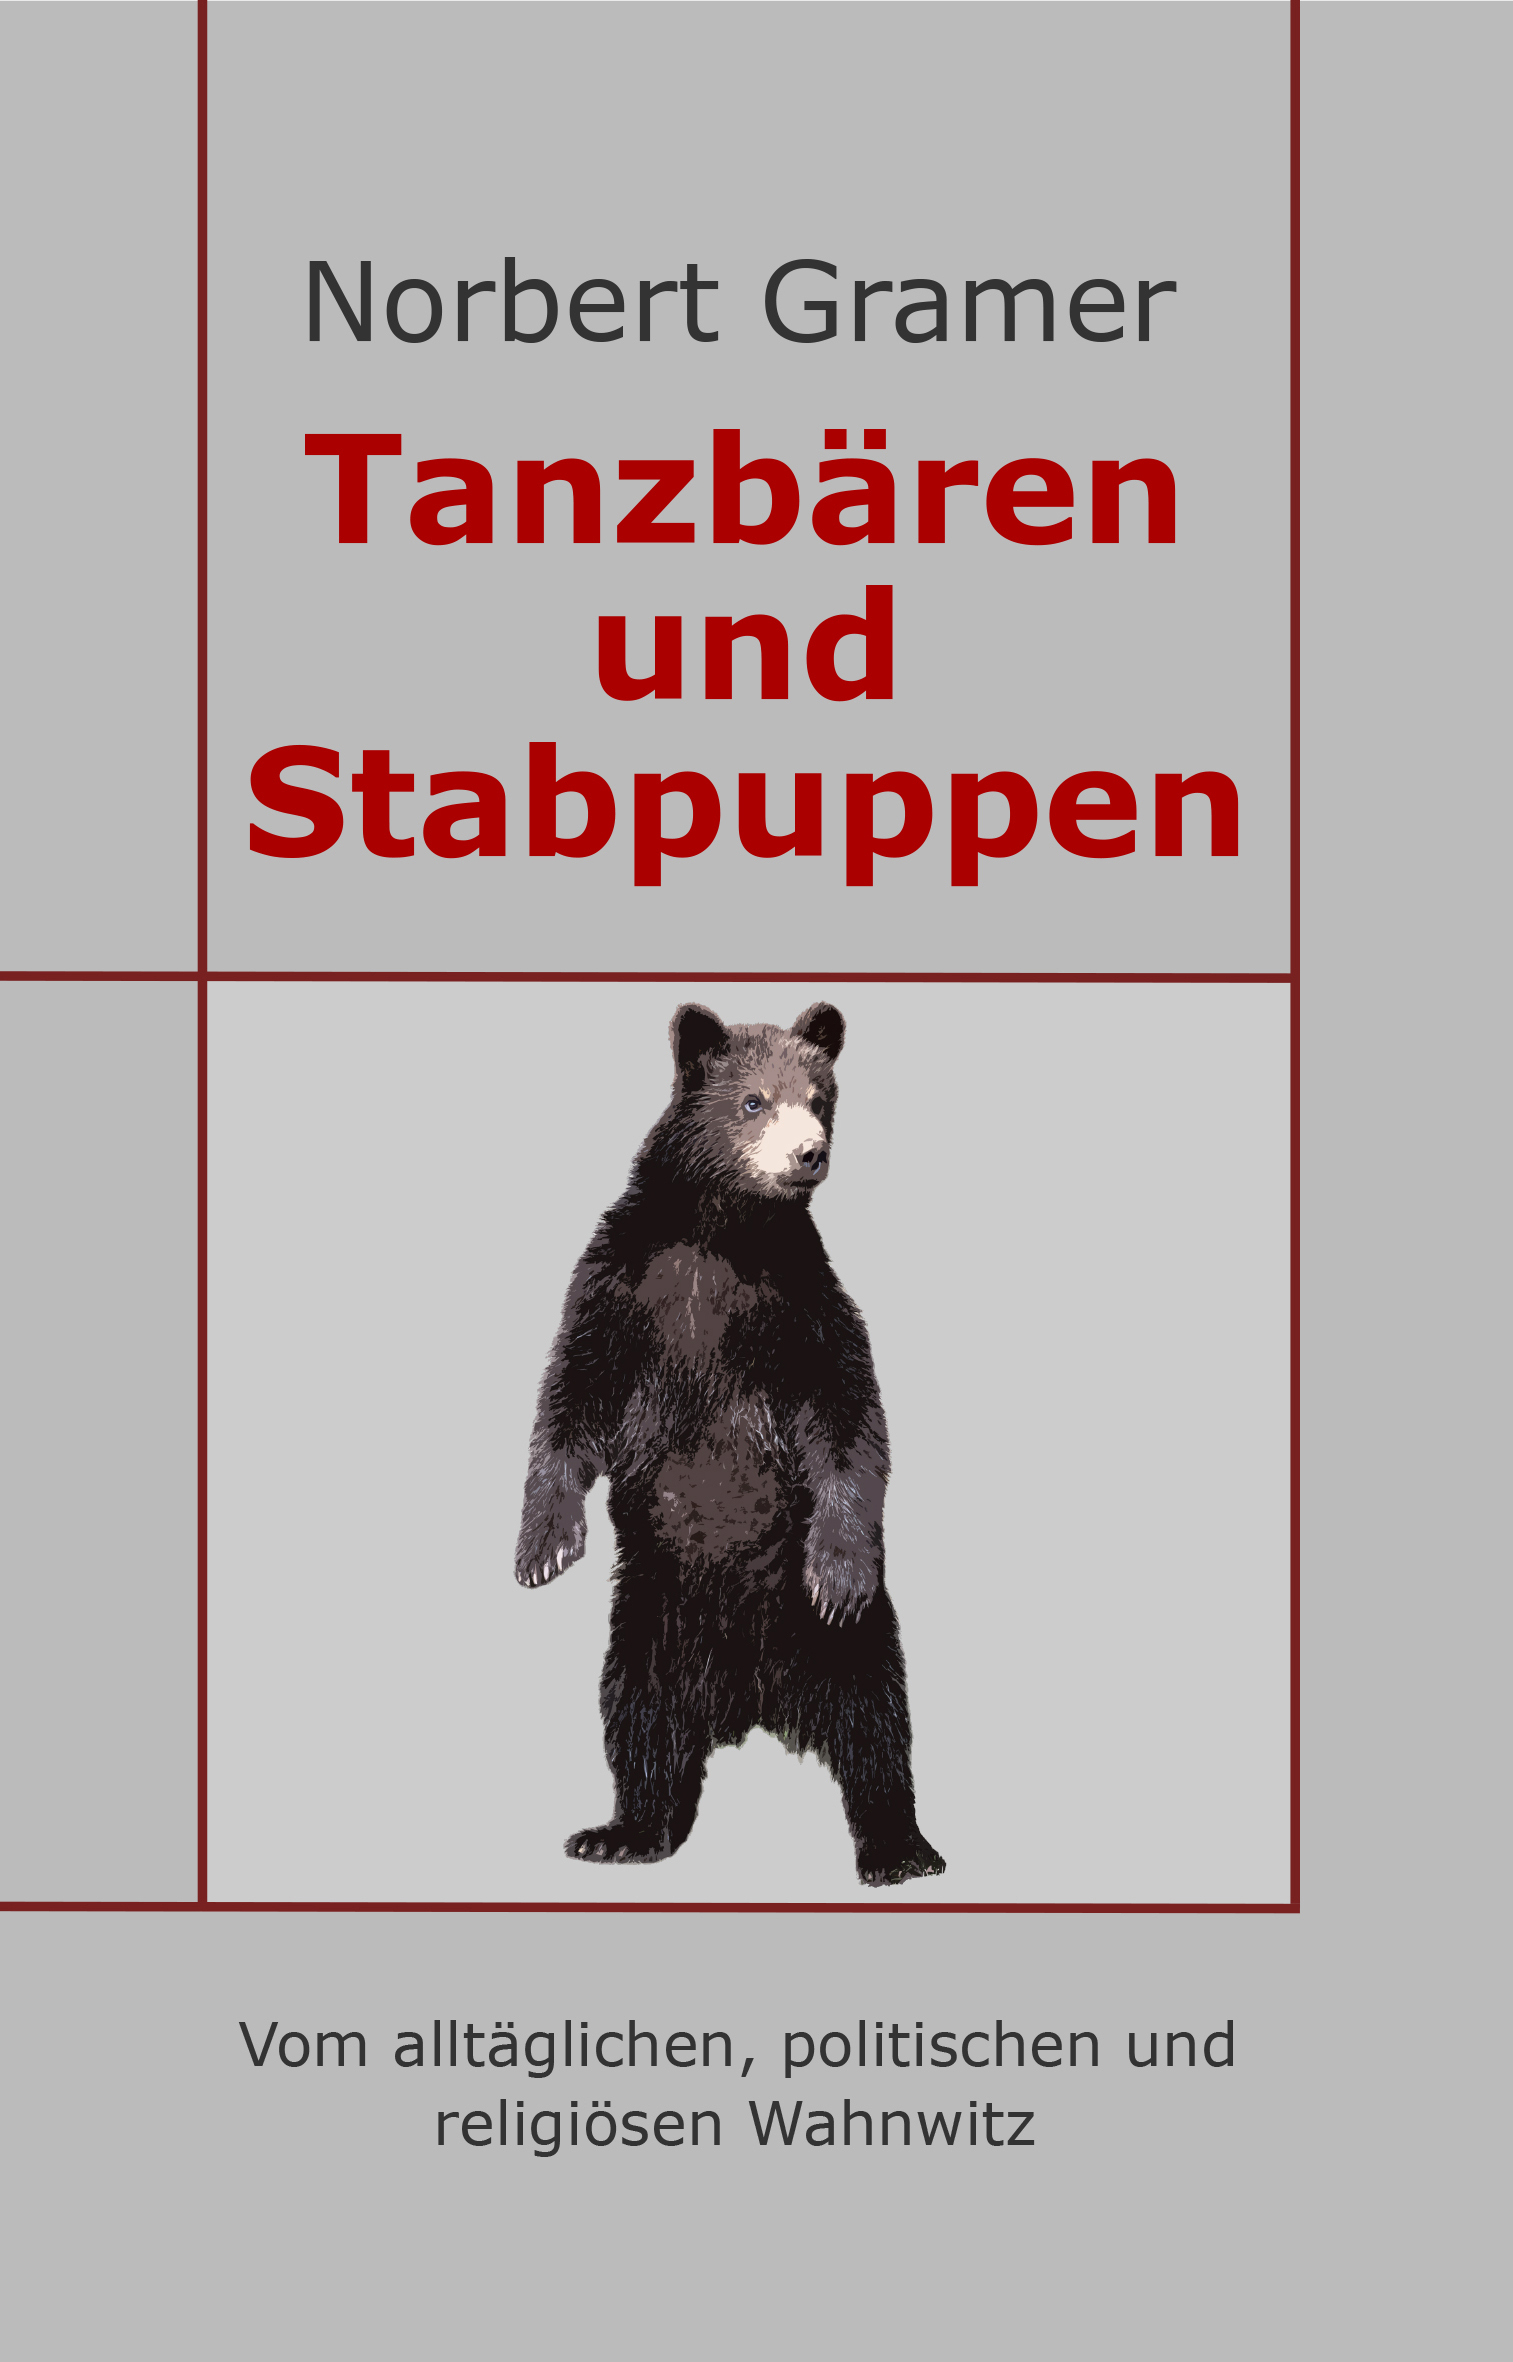 Tanzbären und Stabpuppen. Anekdoten und Groteskes zum alltäglichen Wahnwitz